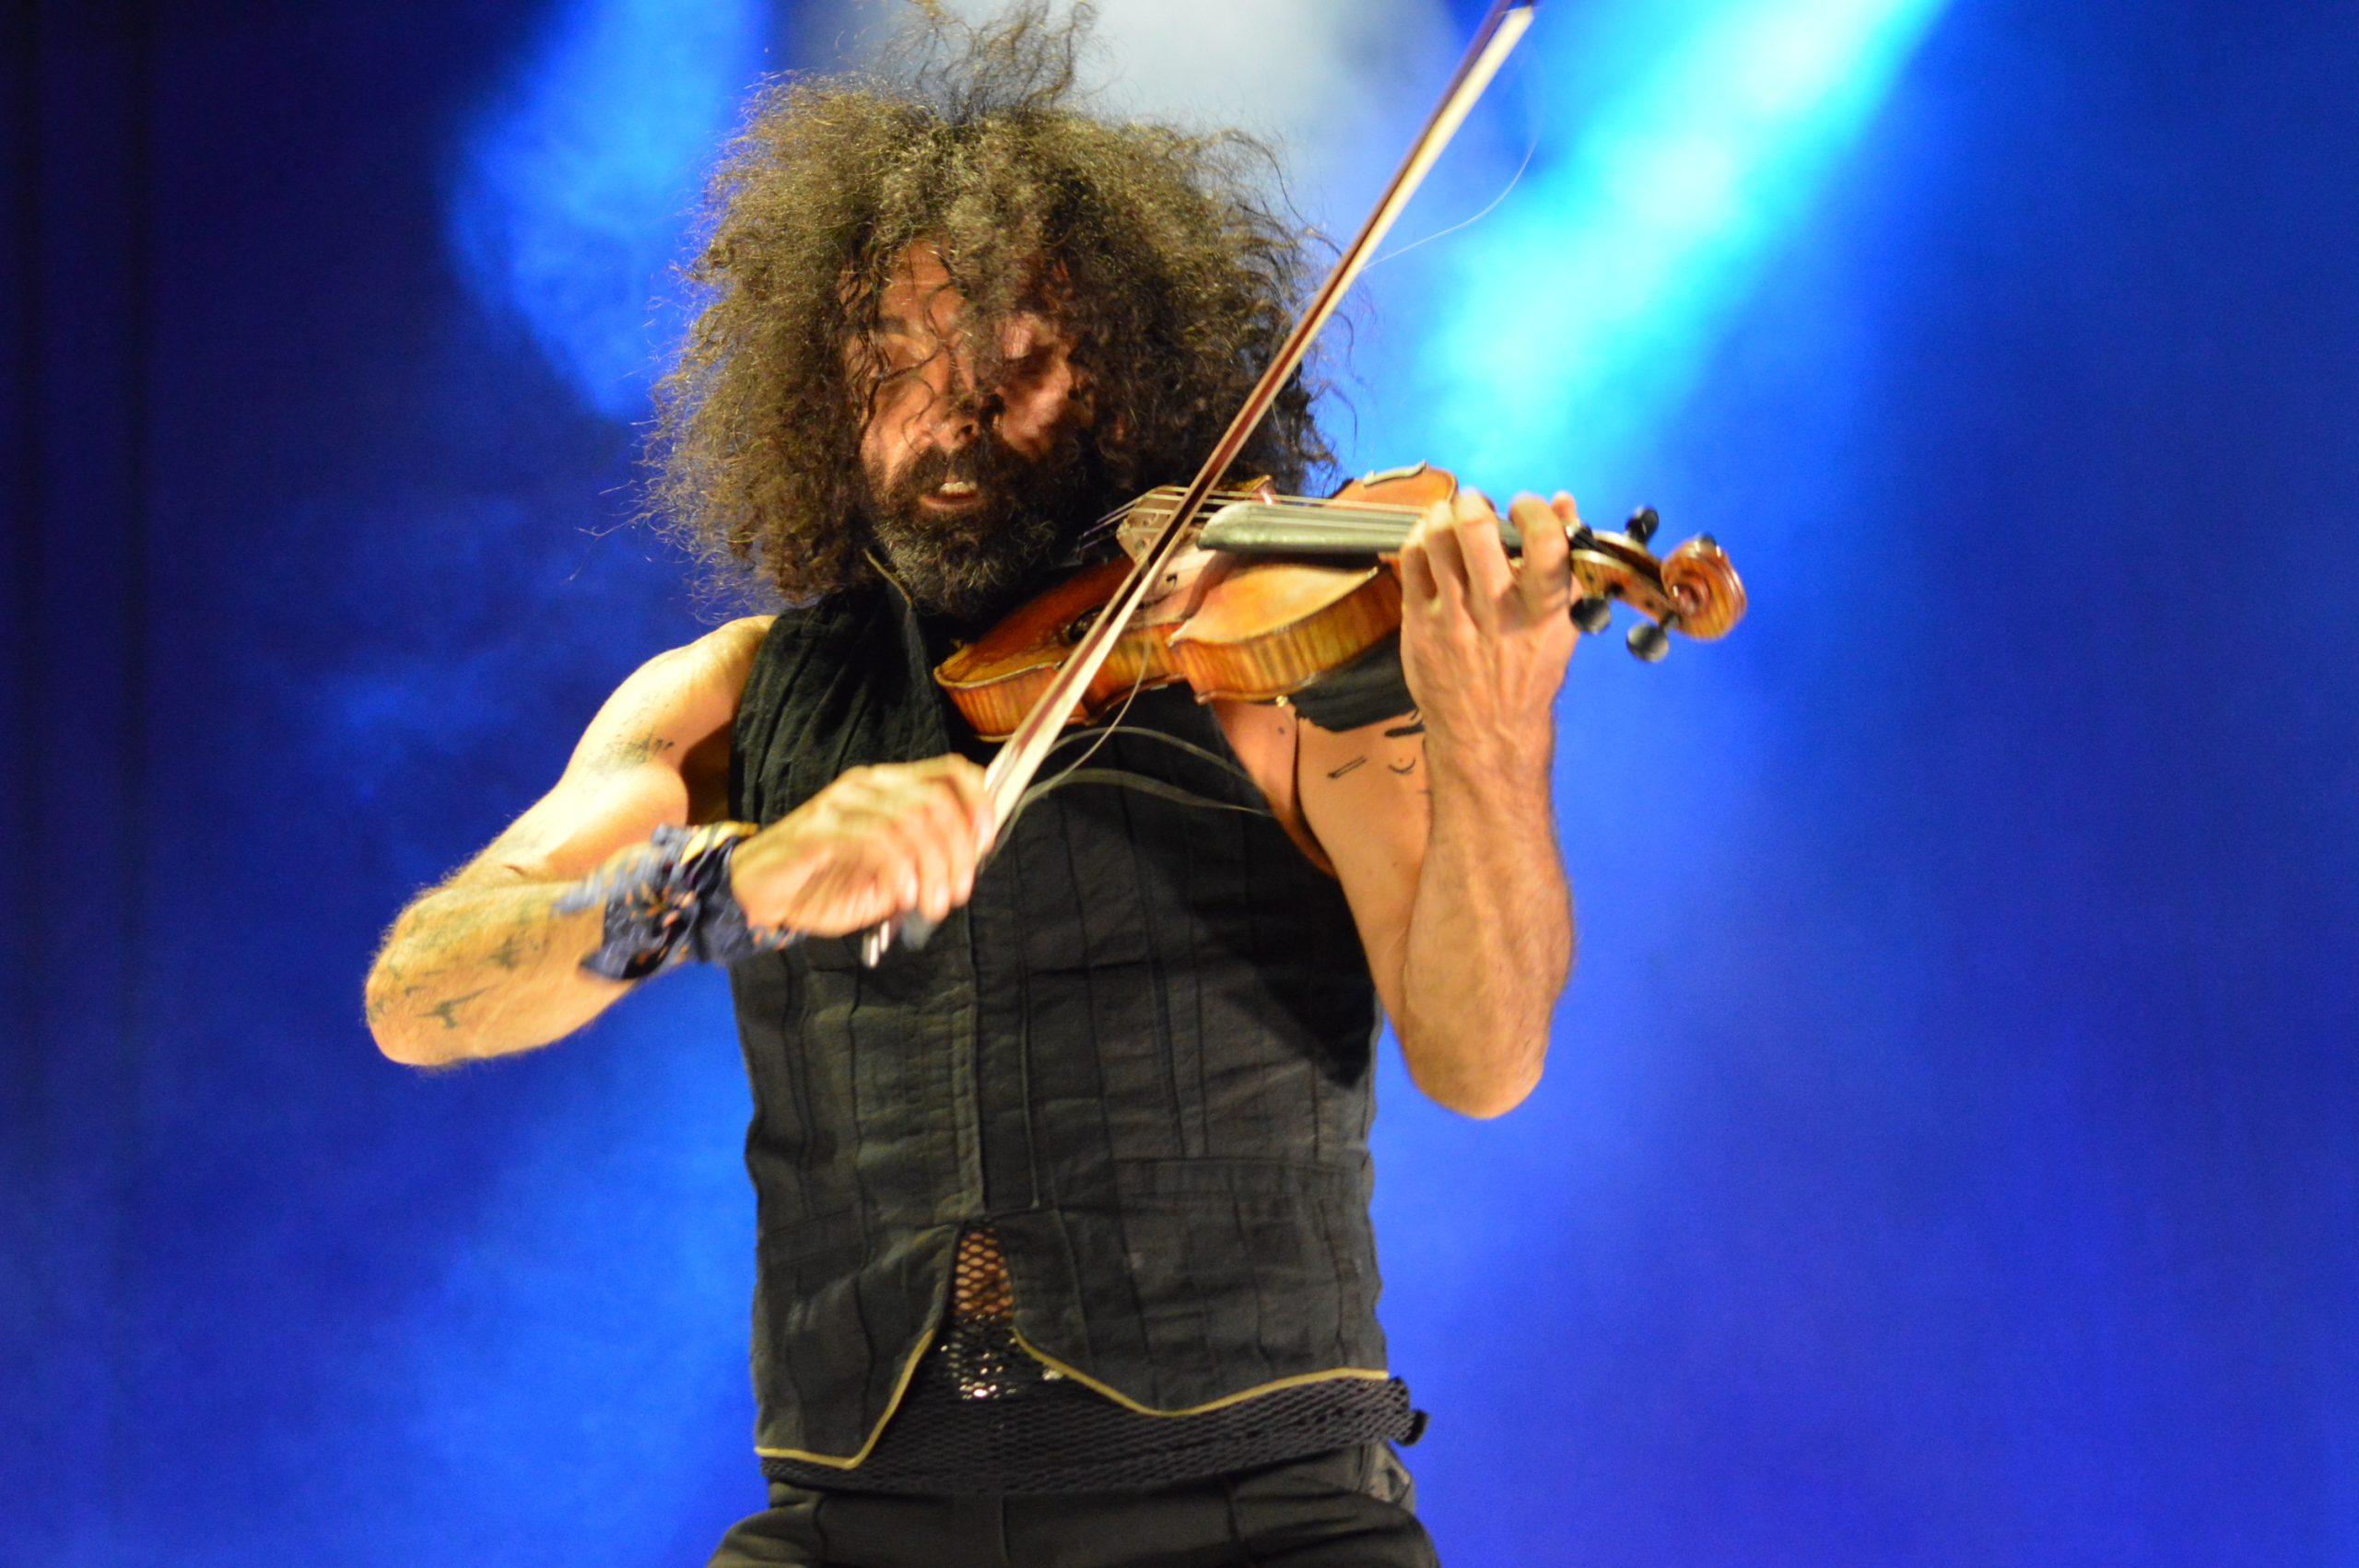 Ara Malikian emociona en su regreso a Ponferrada demostrando una vez más su virtuosismo con el violín 19